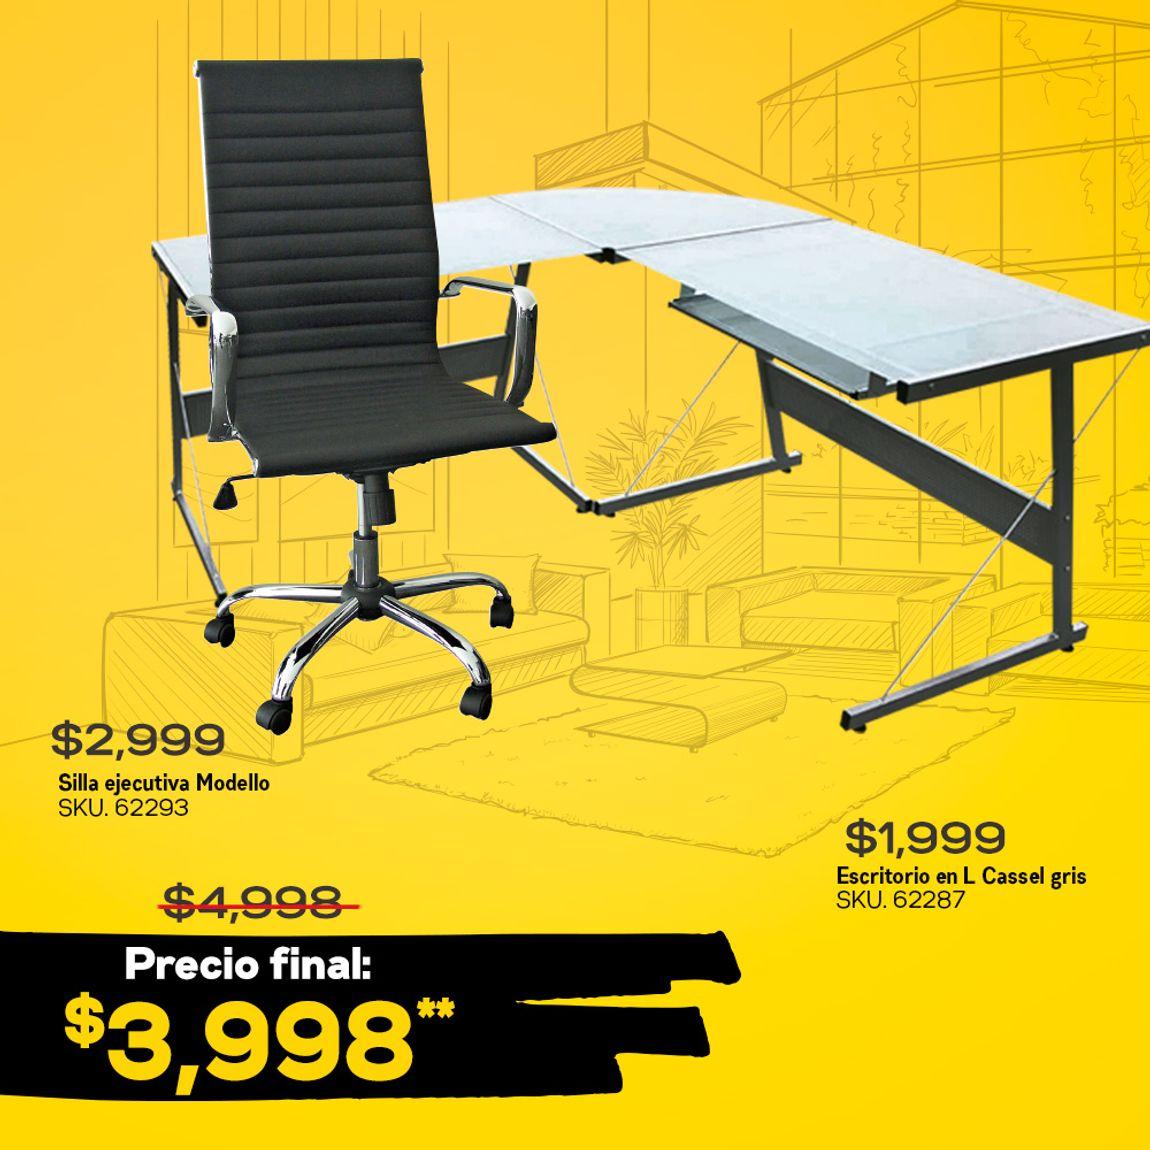 Office Max: Kit escritorio en L cassel + silla ejecutiva modello